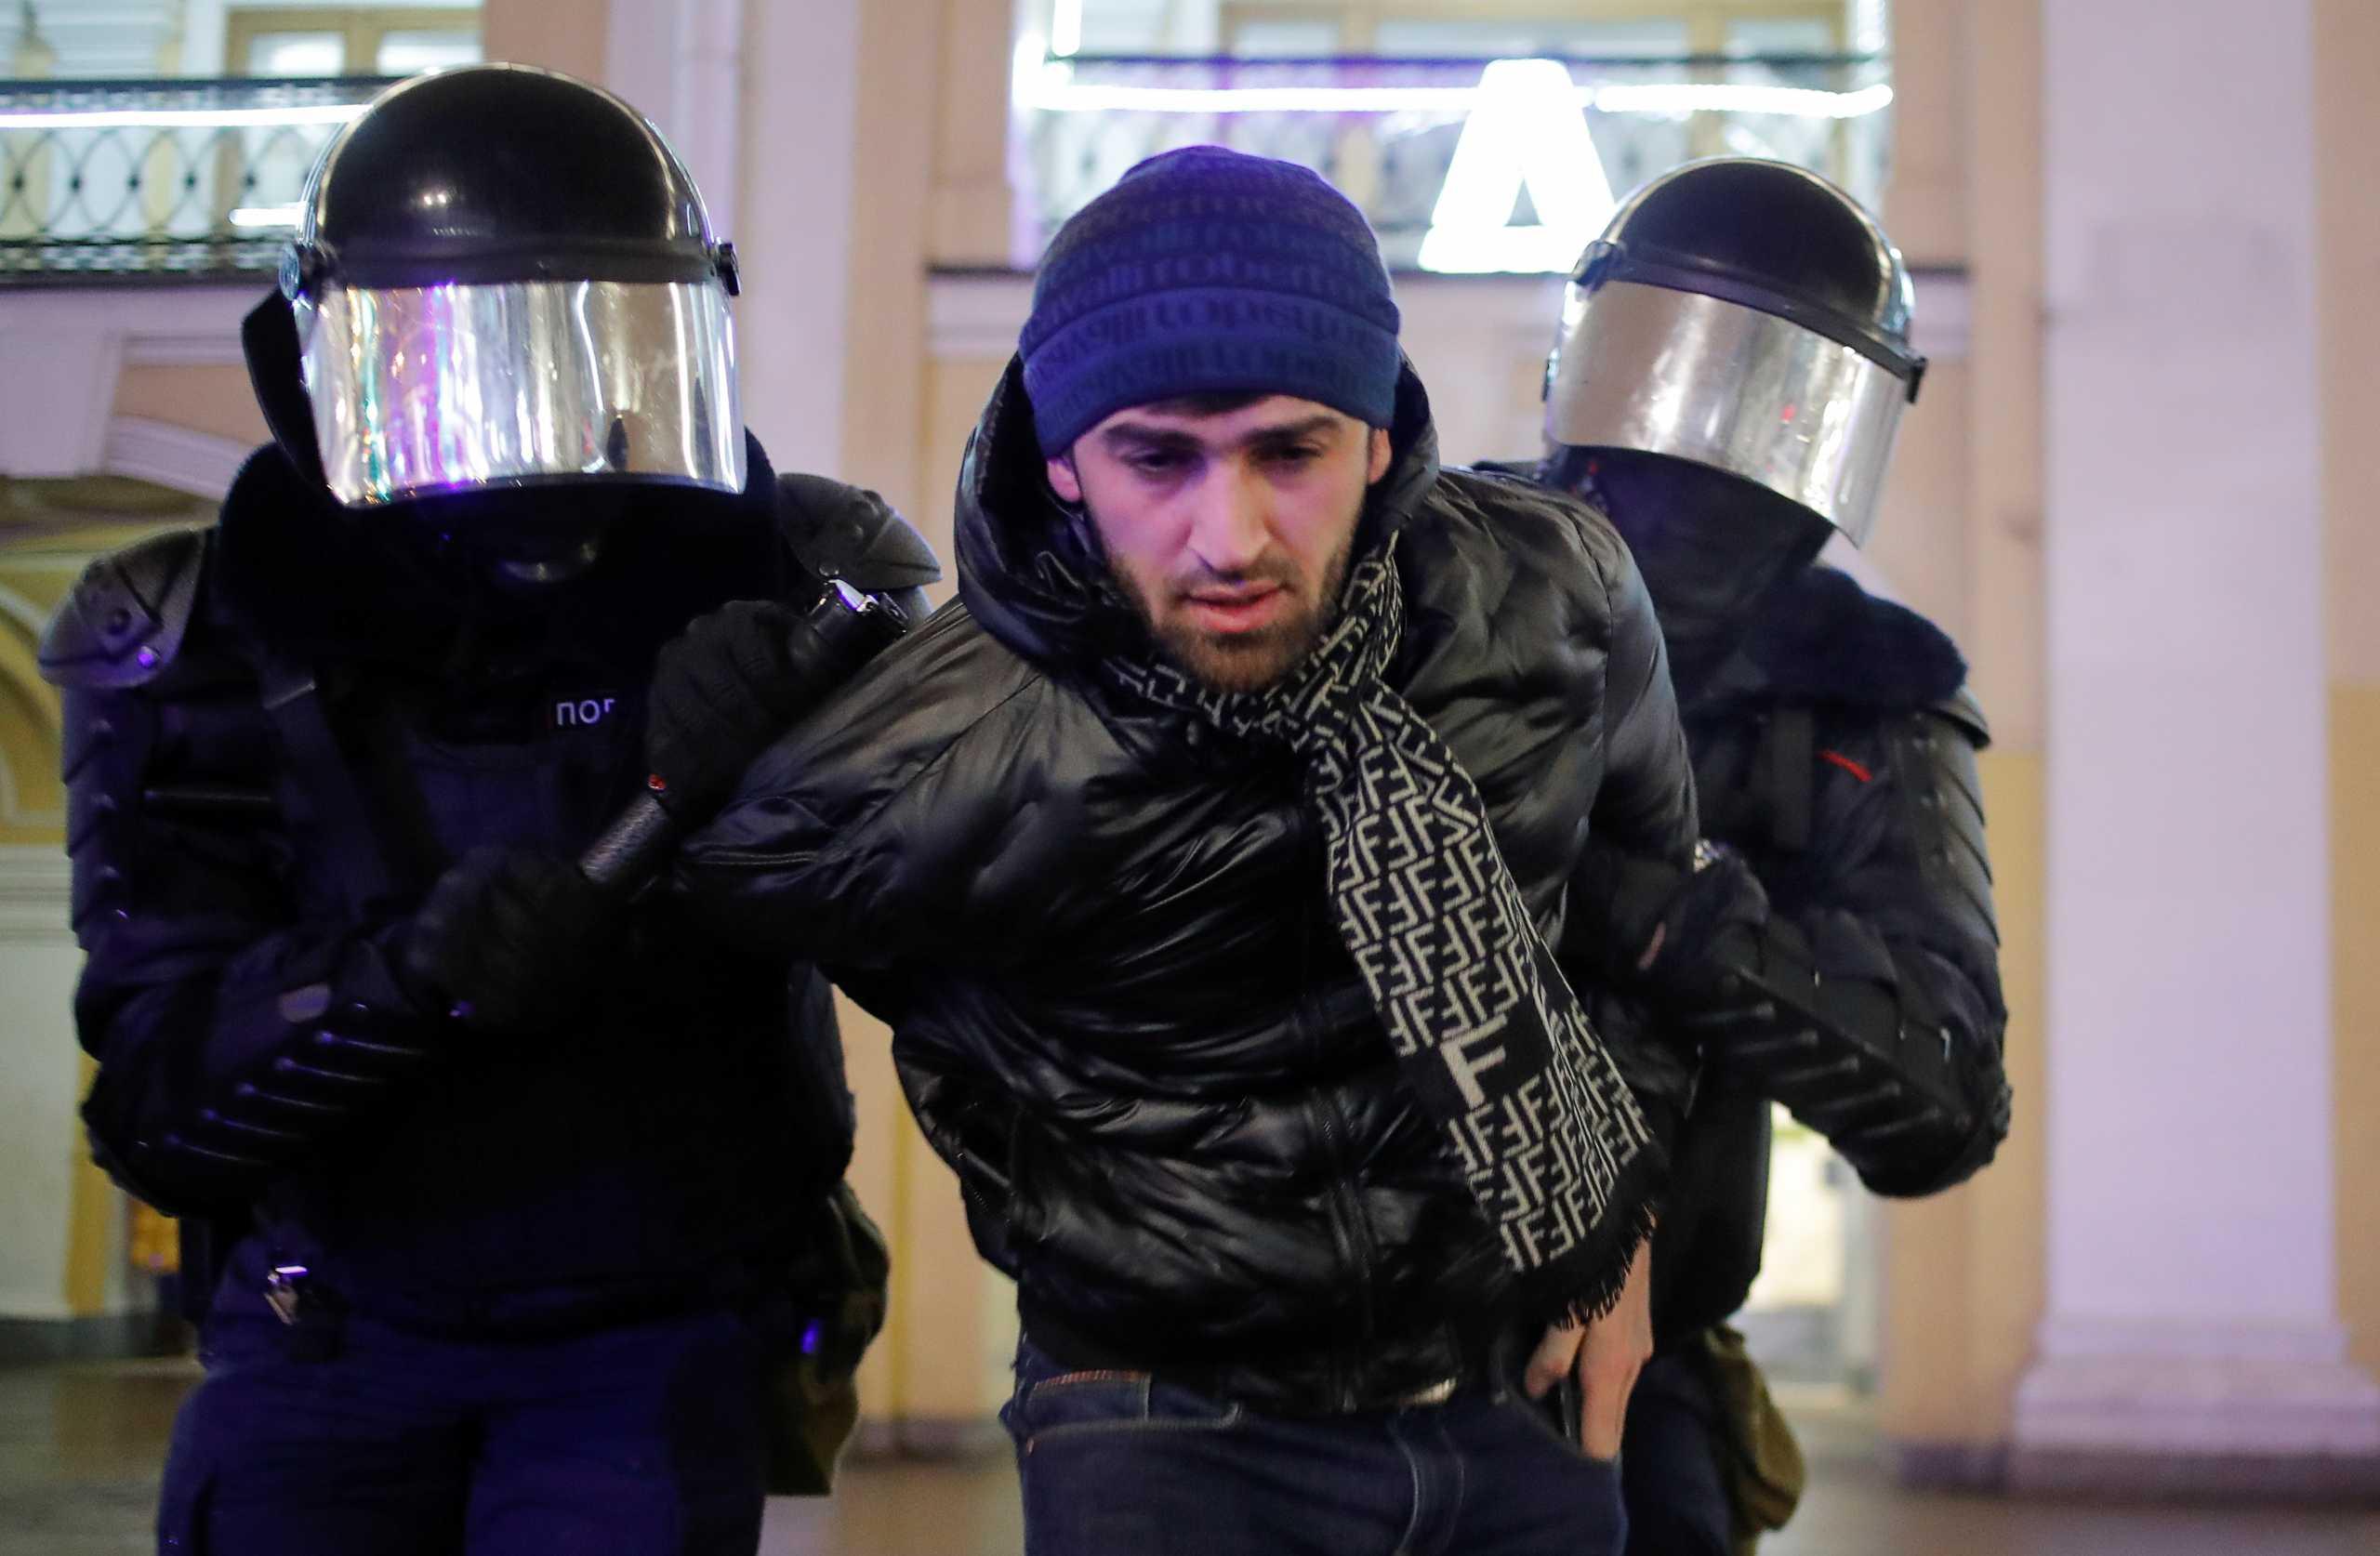 Το Κρεμλίνο δικαιολογεί την χρήση βίας στις διαδηλώσεις υπέρ του Ναβάλνι – Πάνω από 1.400 συλλήψεις